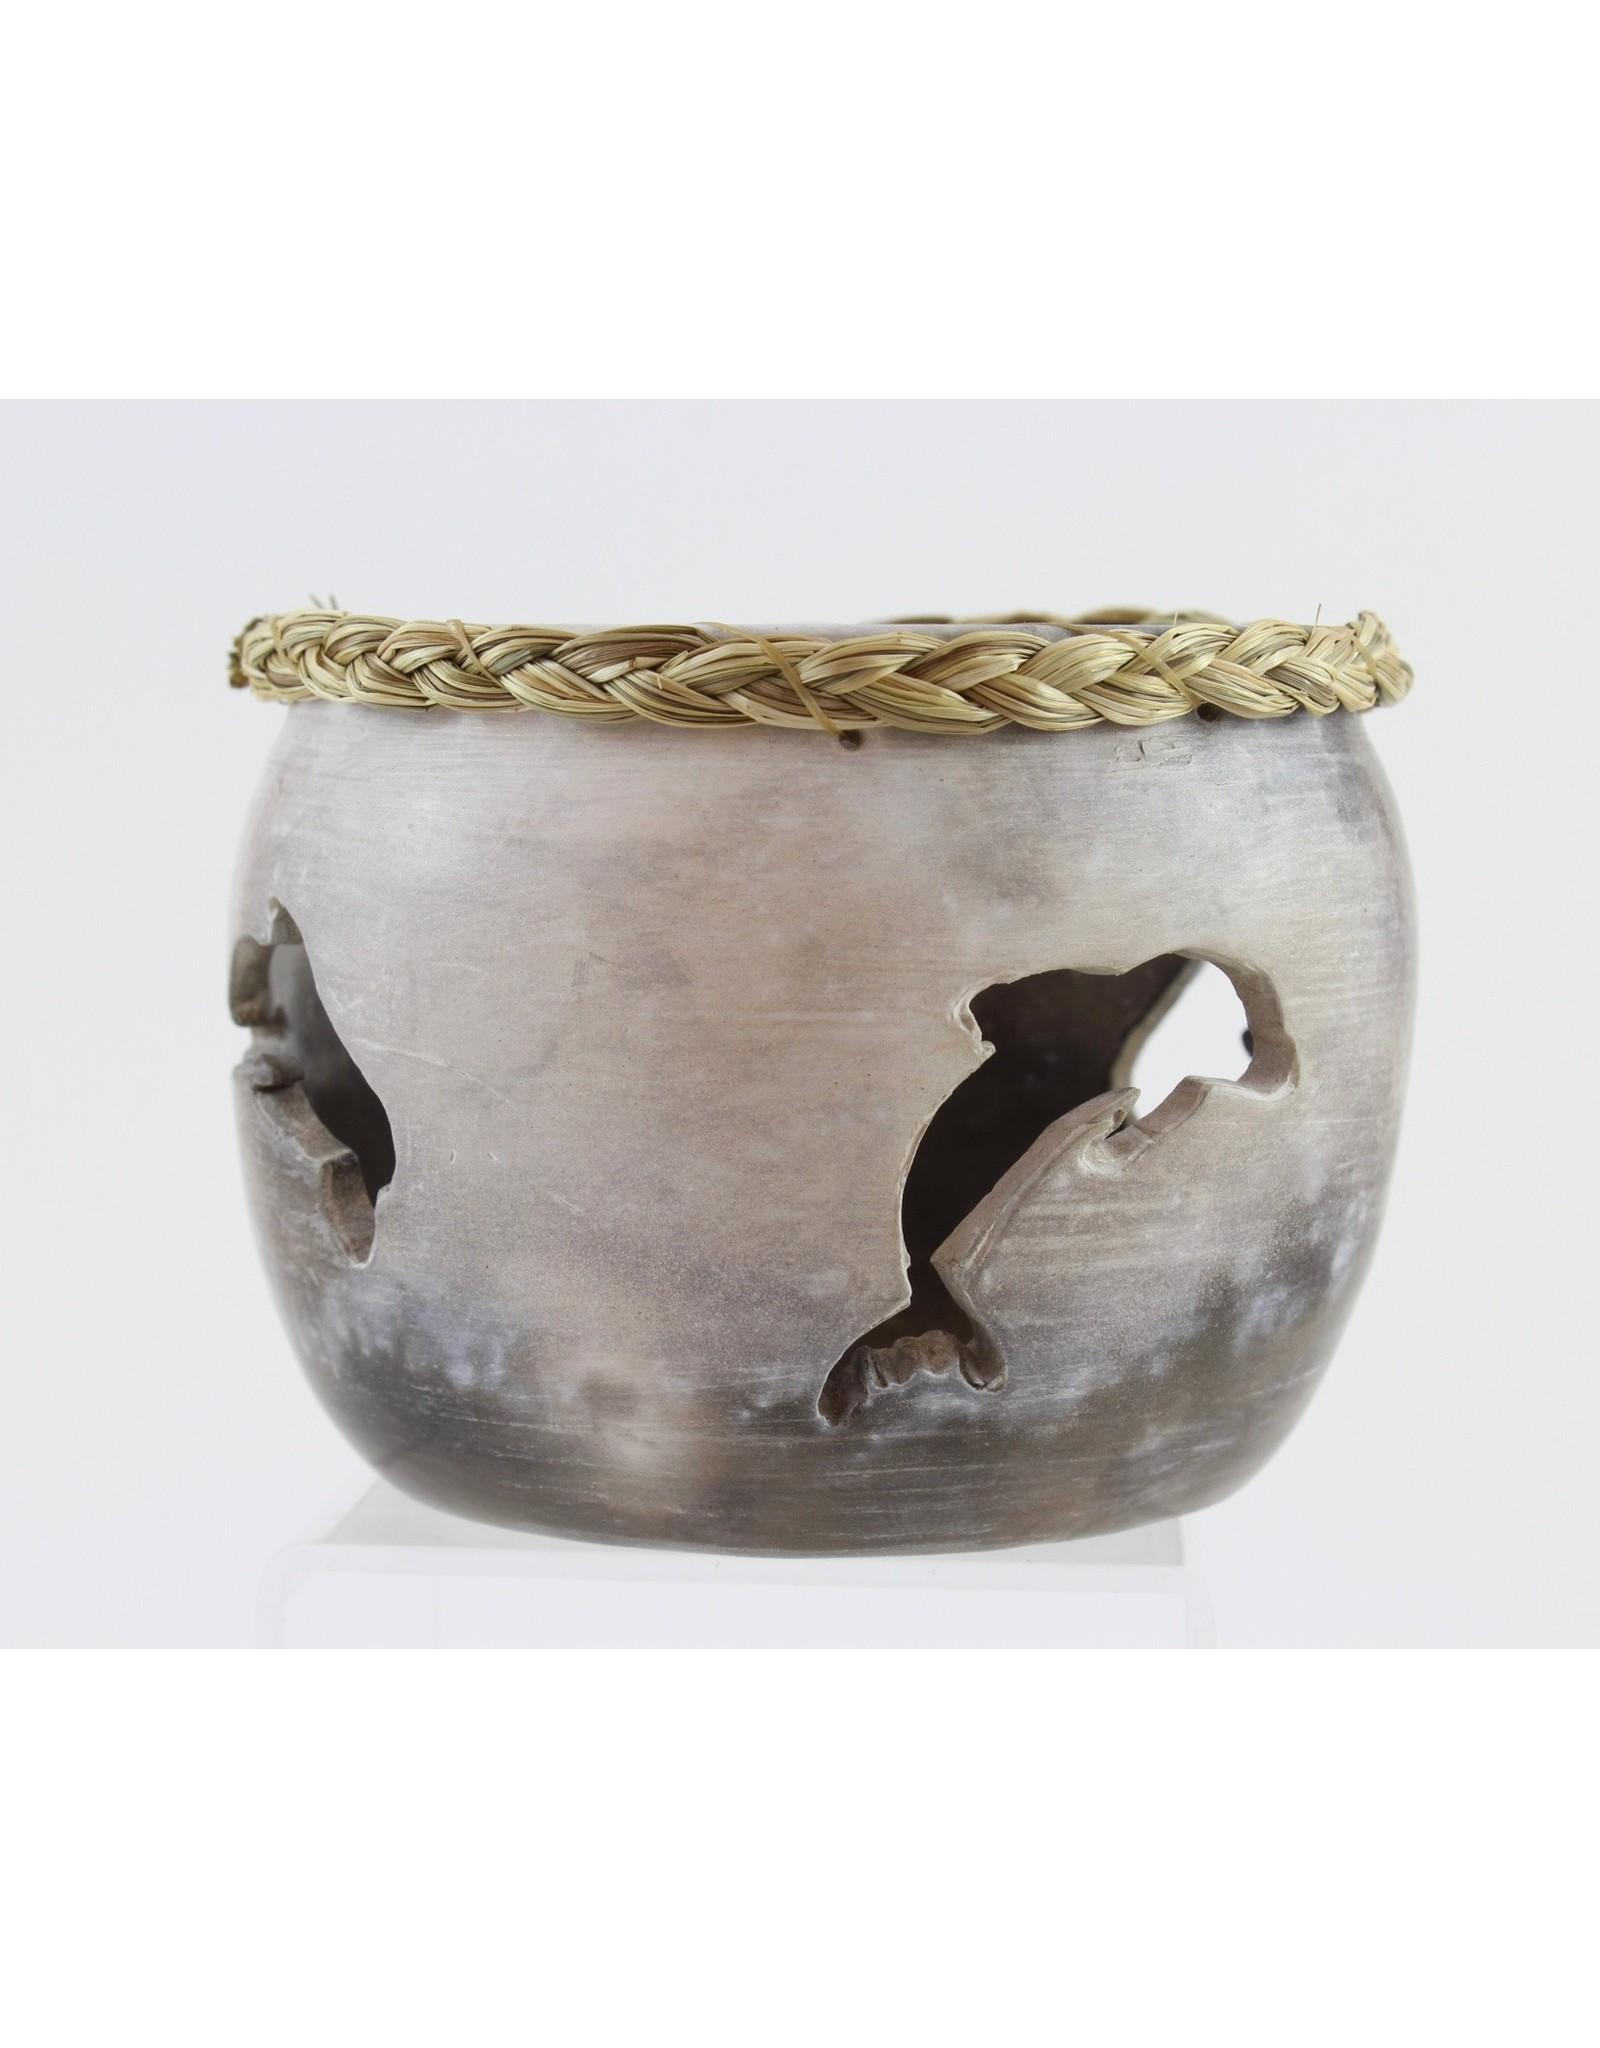 Nancy Oakley Smoky Dolphin Pot by Nancy Oakley